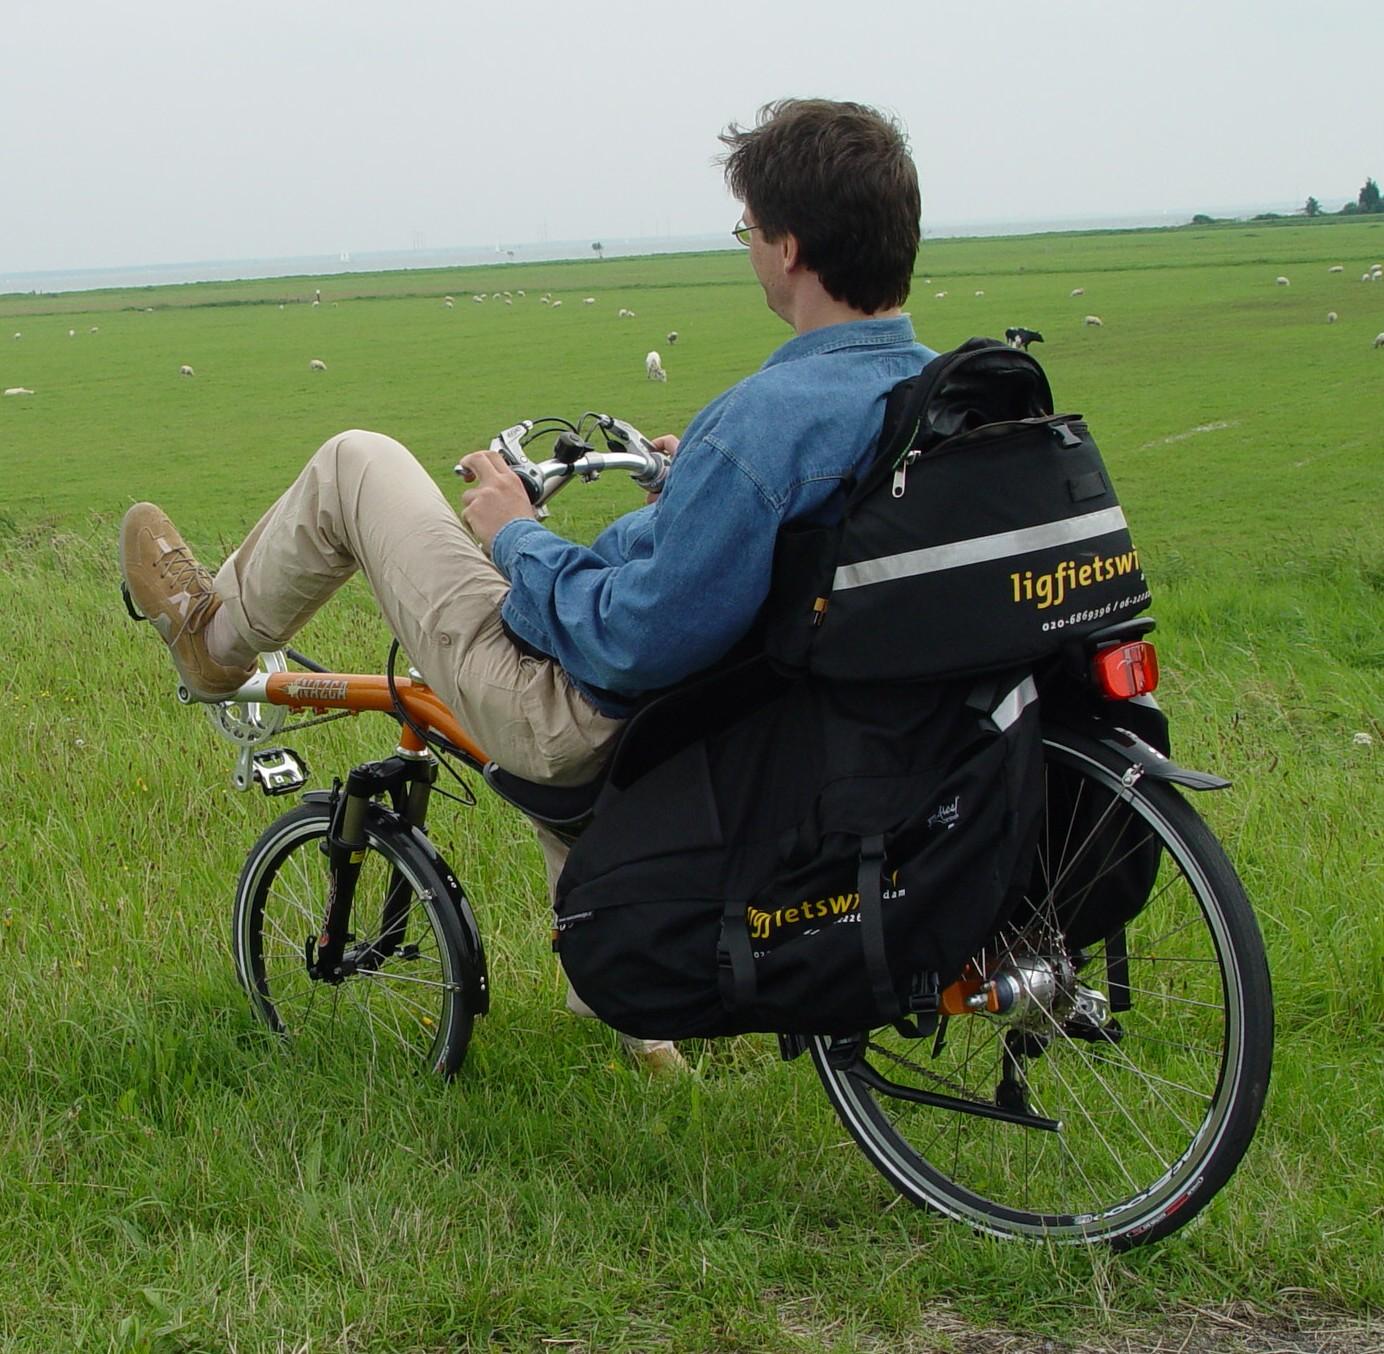 Bicicletta Reclinata Wikipedia